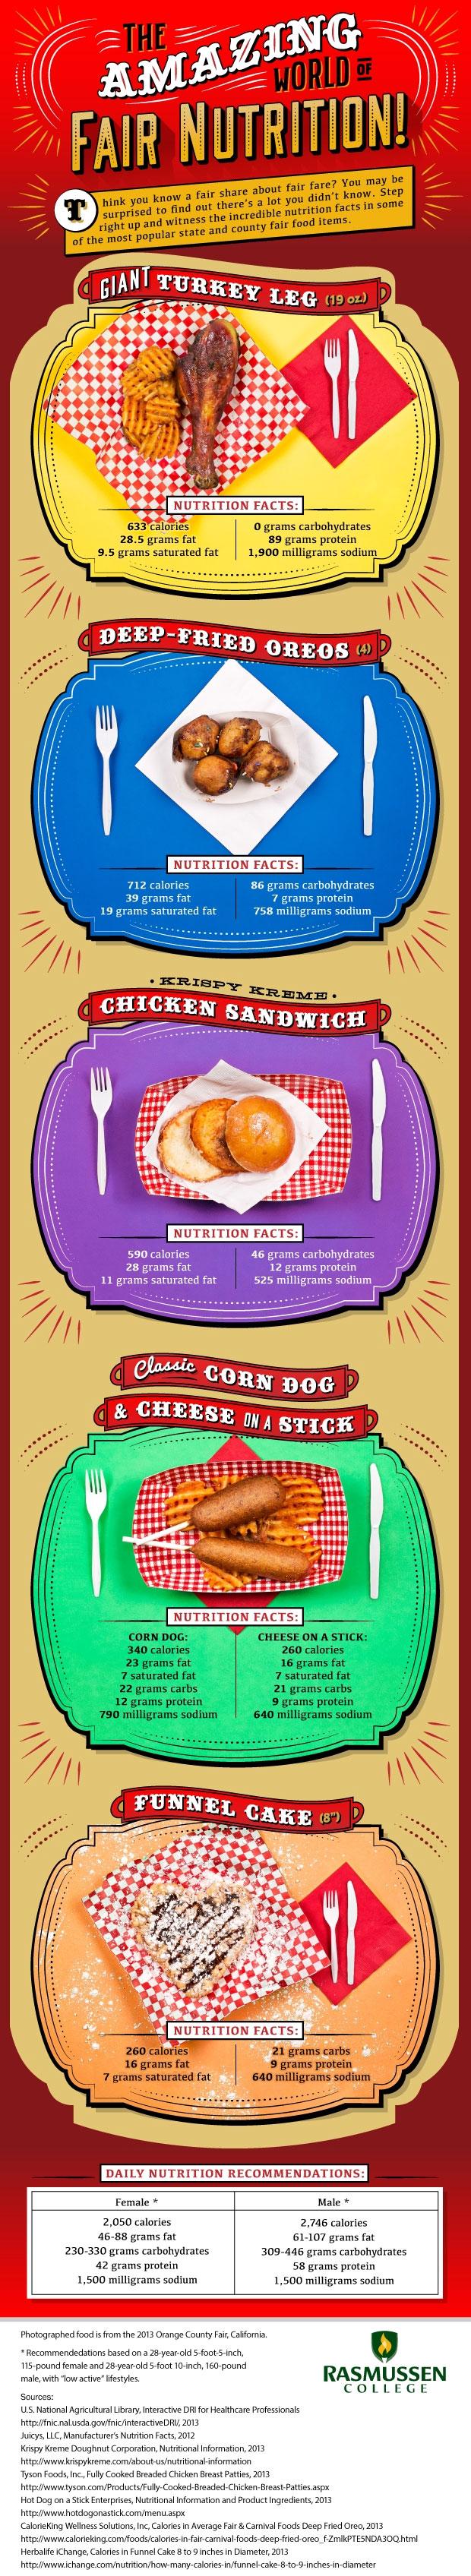 foodbeast-fair-nutrition